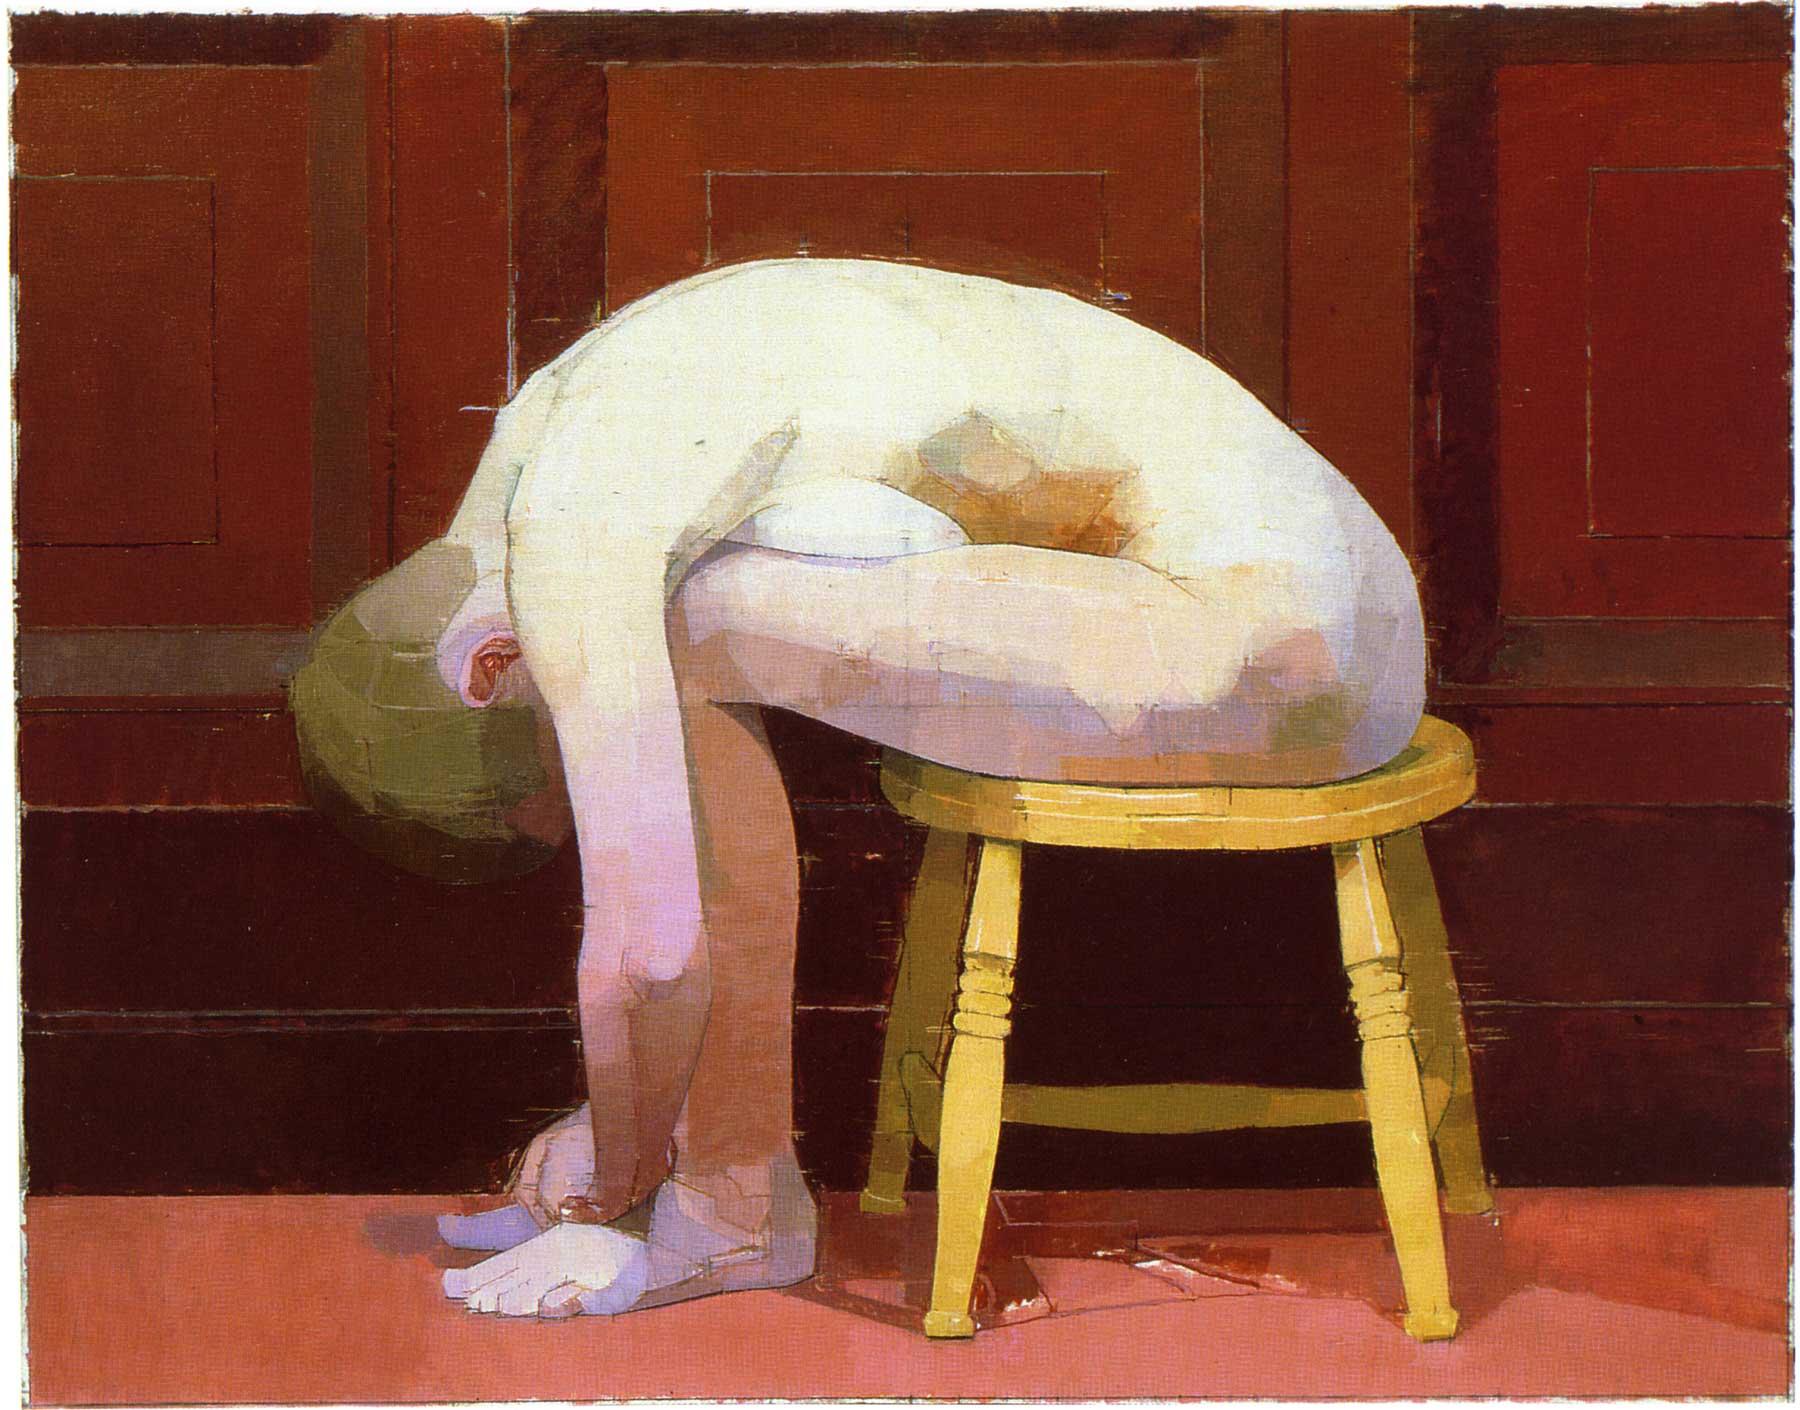 Euan Uglow Curled nude on a stool (1982-3). ©Euan Uglow